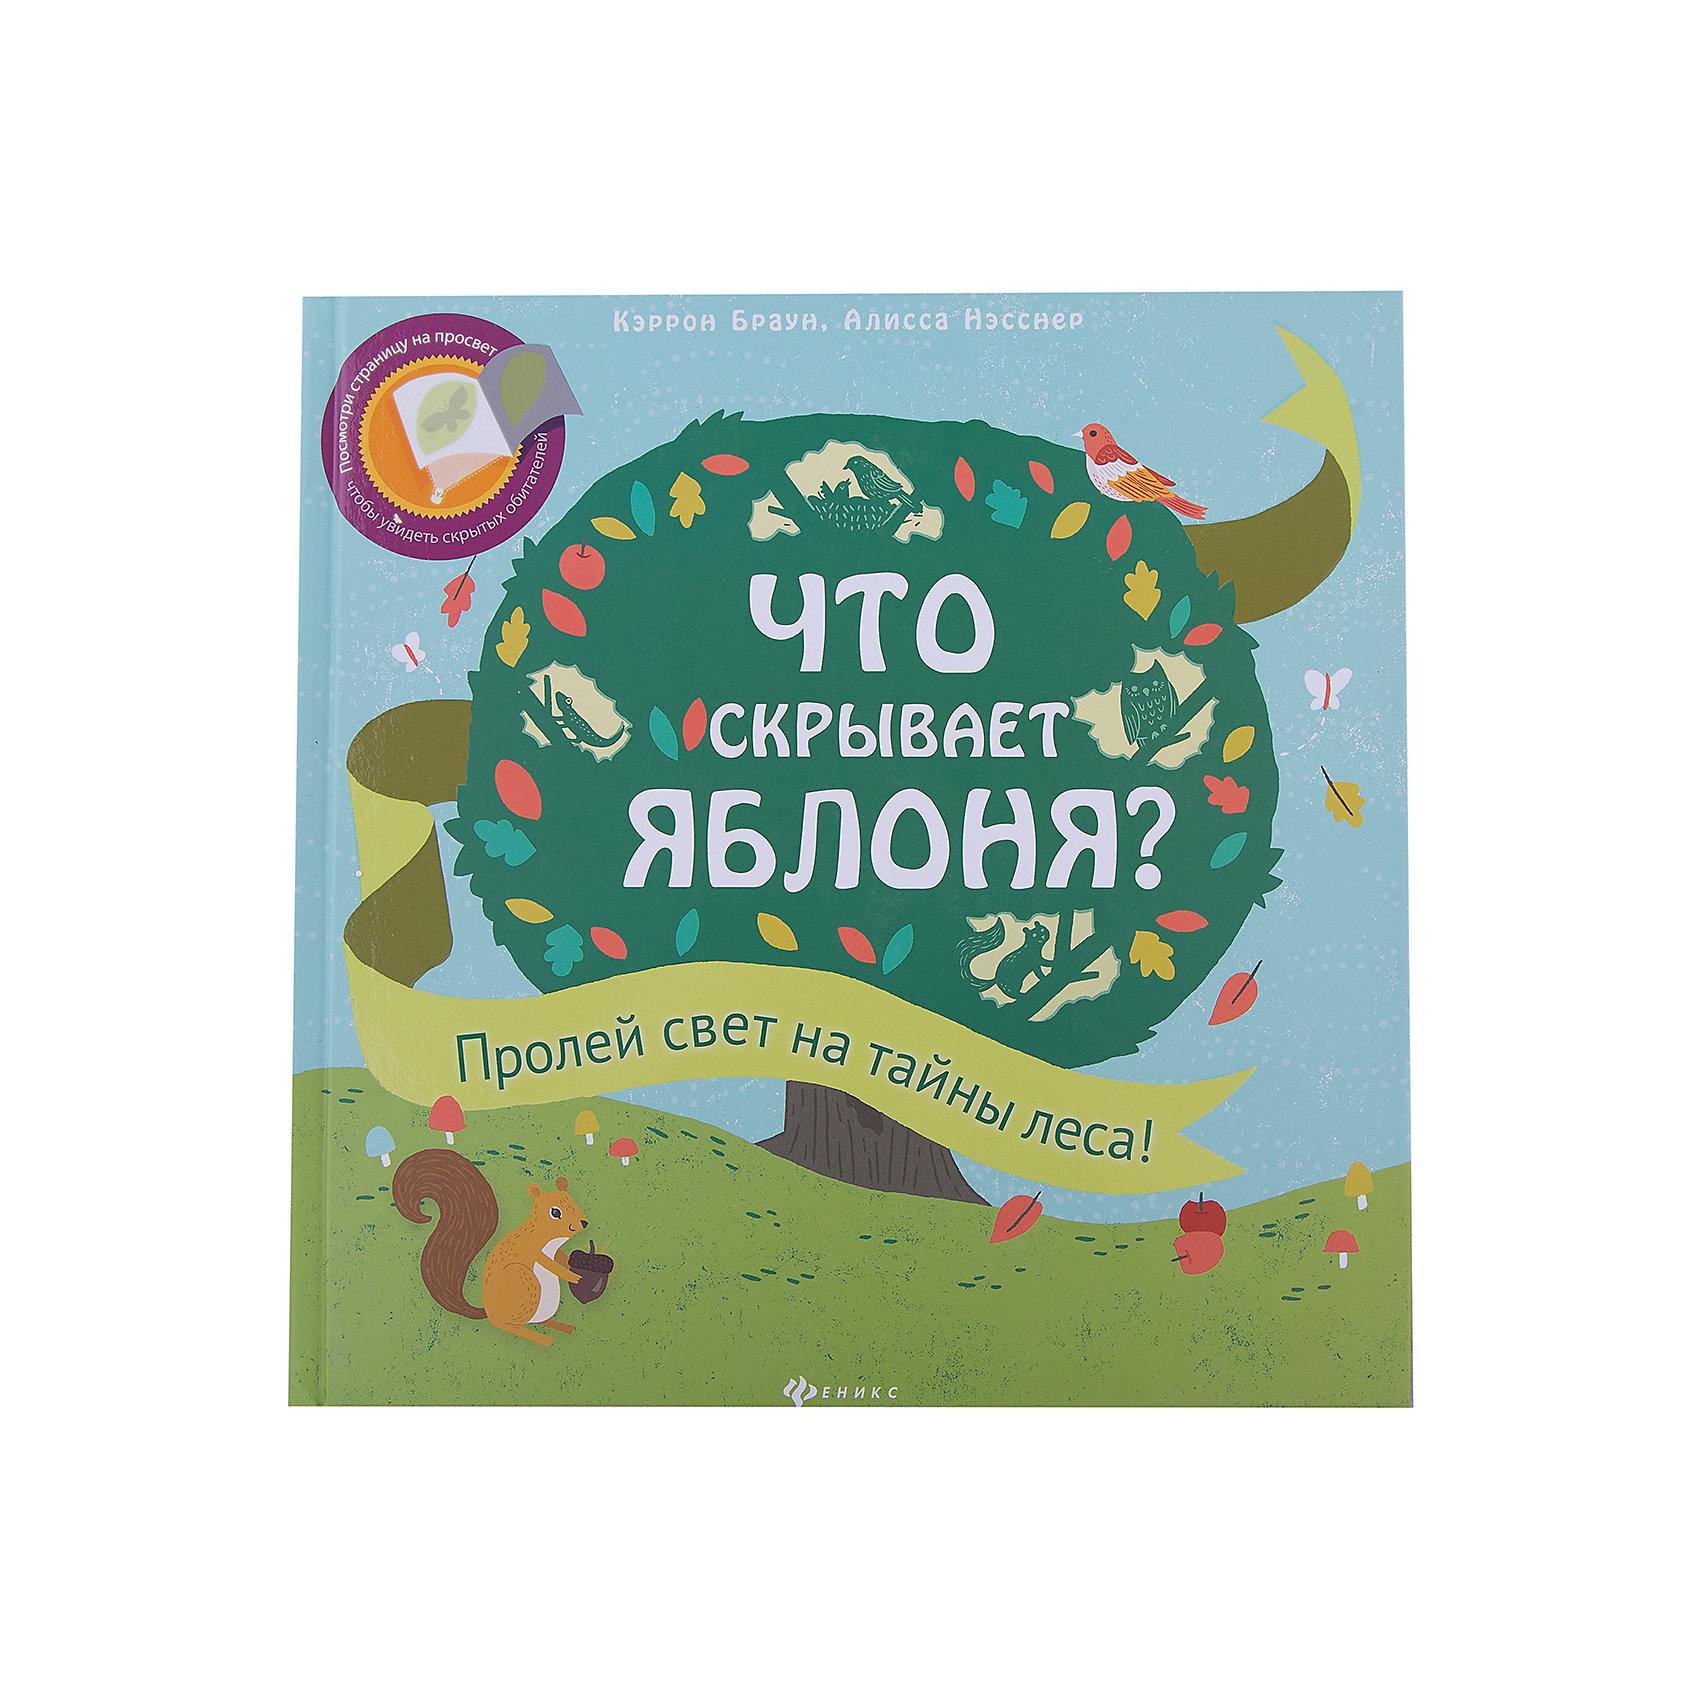 Что скрывает яблоня?Энциклопедии для малышей<br>Увлекательное красочное издание Что скрывает яблоня? станет прекрасным подарком для всех любознательных малышей. На страница книги ребенка ждет удивительное знакомство с миром природы. Кто живёт вокруг яблони? Присмотрись к дереву внимательнее, и ты обнаружишь<br>маленький мир, полный больших сюрпризов! Помимо красочных иллюстраций и интересных текстов книжка содержит специальные темные странички: посвети на них фонариком и тебя ждет сюрприз! <br><br><br>Дополнительная информация:<br><br>- Автор: Кэррон Браун, Алиса Нэсснер.<br>- Художник: Би Джонсон.<br>- Серия: Читаем с фонариком!.<br>- Обложка: твердая.<br>- Иллюстрации: черно-белые + цветные.<br>- Объем: 35 стр.<br>- Размер: 26,6 x 1 x 26,6 см.<br>- Вес: 0,478 кг.<br><br>Книгу Что скрывает яблоня?, Феникс-Премьер, можно купить в нашем интернет-магазине.<br><br>Ширина мм: 267<br>Глубина мм: 267<br>Высота мм: 10<br>Вес г: 2700<br>Возраст от месяцев: 36<br>Возраст до месяцев: 60<br>Пол: Унисекс<br>Возраст: Детский<br>SKU: 4771425